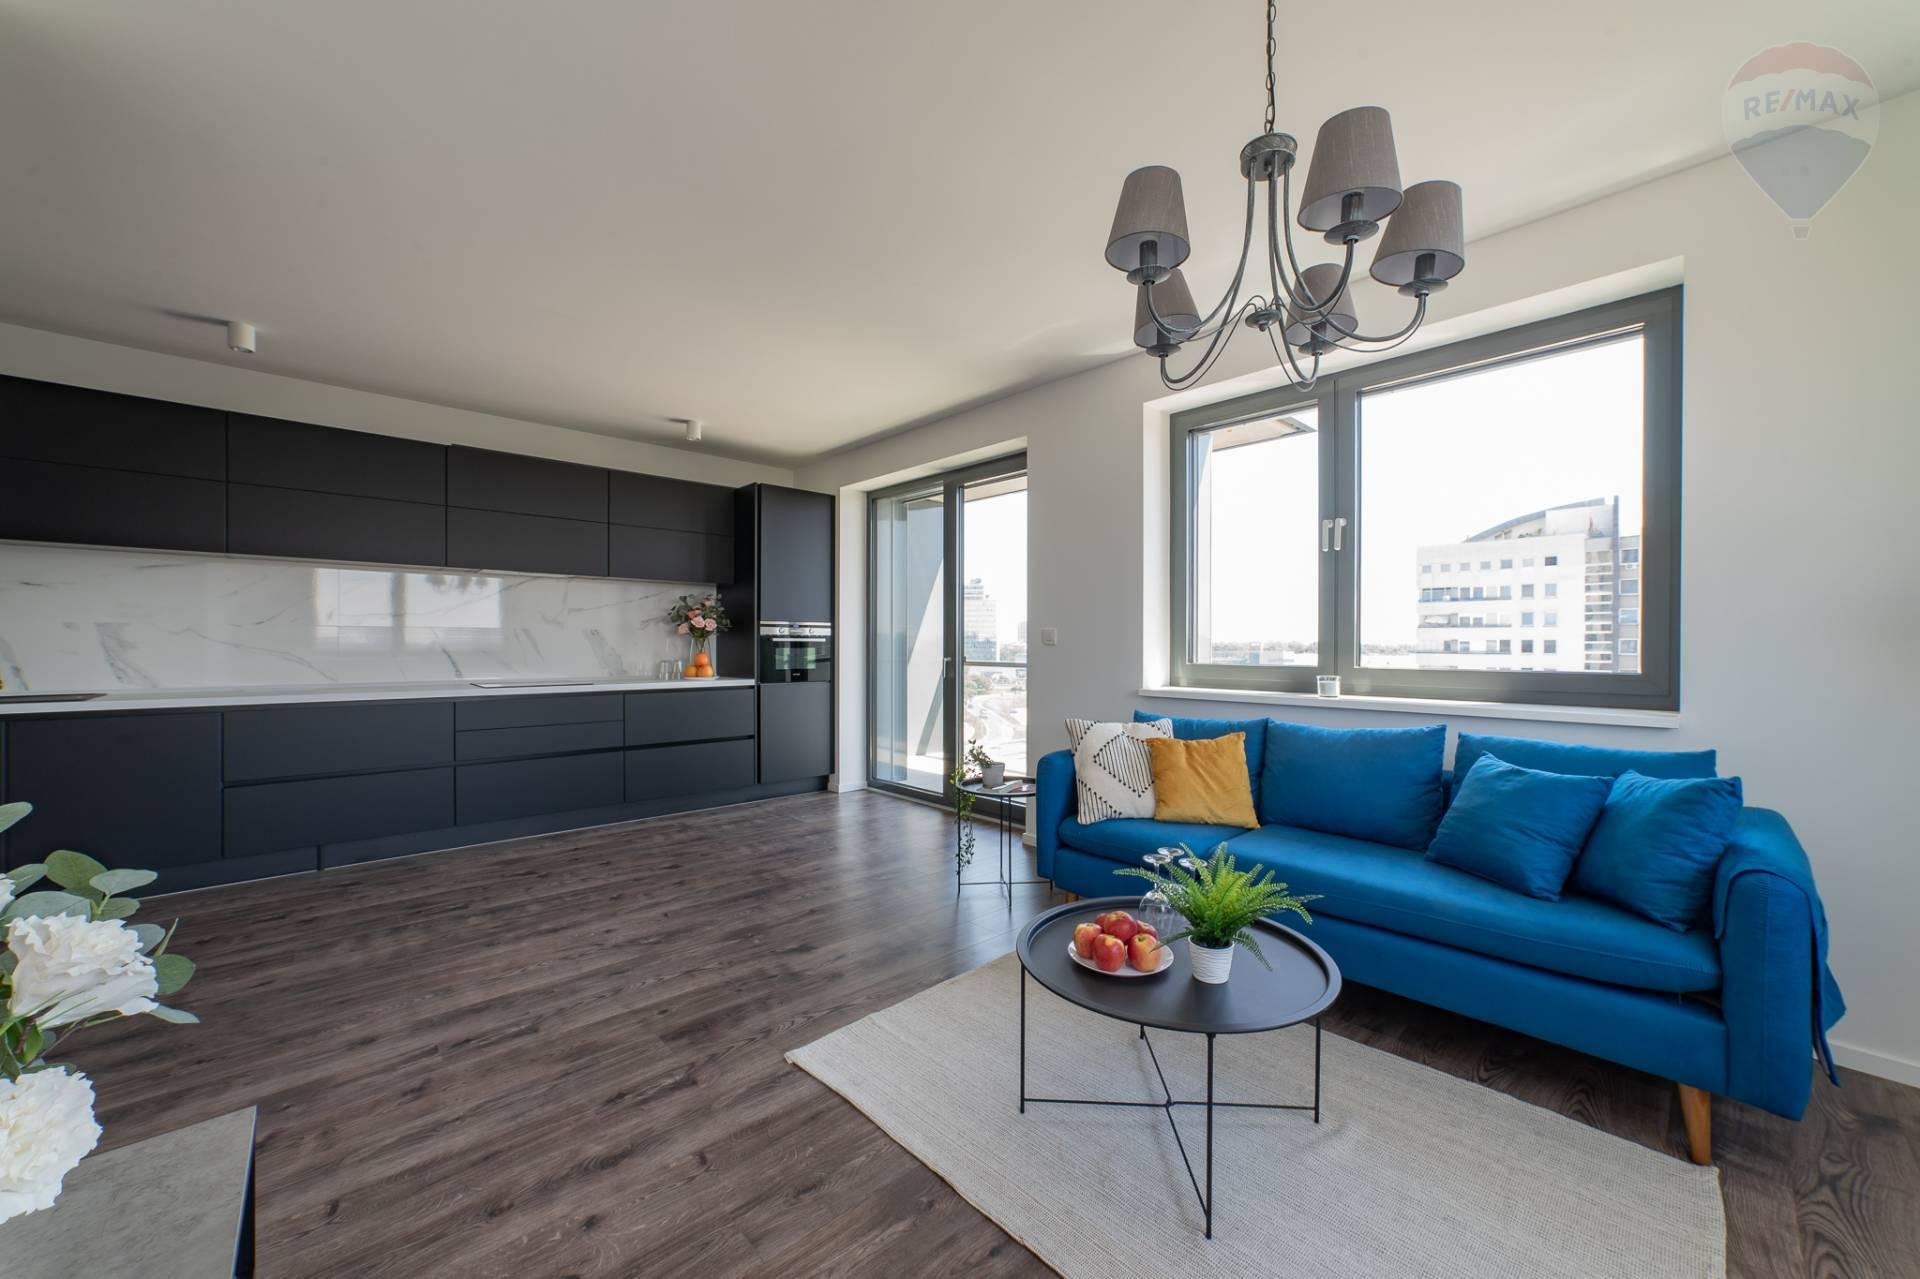 PRENÁJOM >> 2 izbový byt – novostavba EINPARK  –  Zadunajská cesta 16